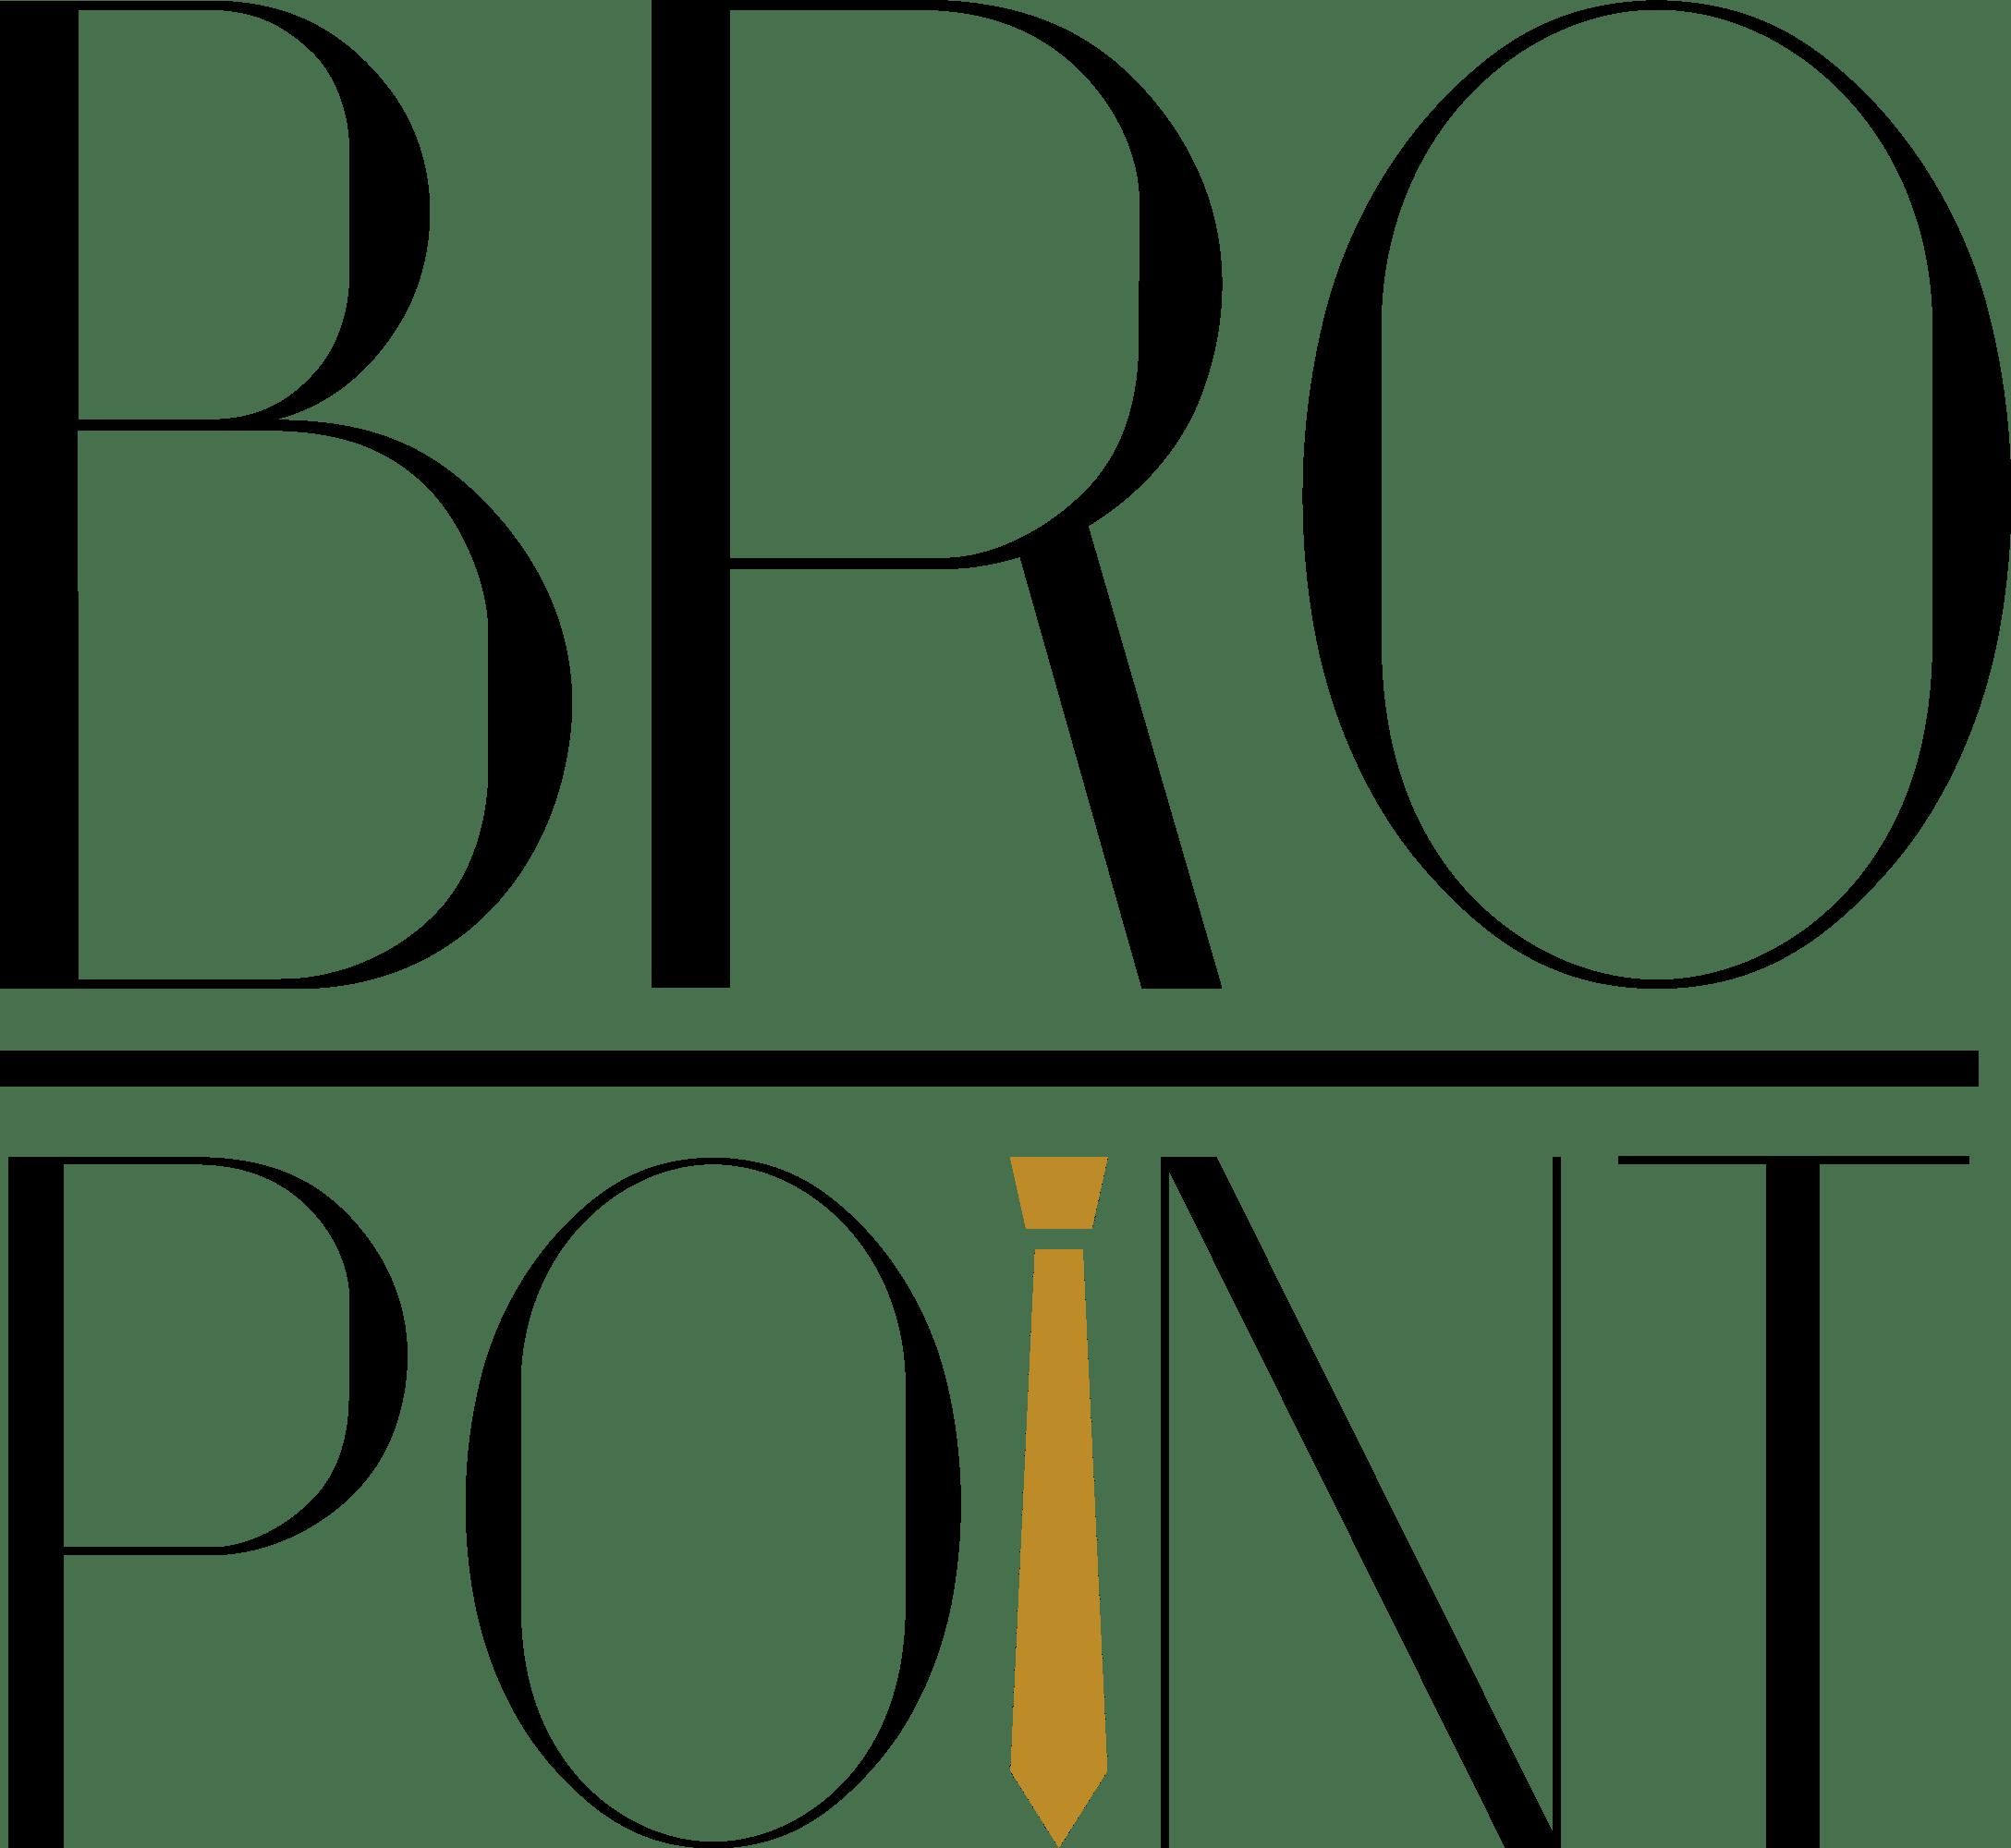 Bropoint